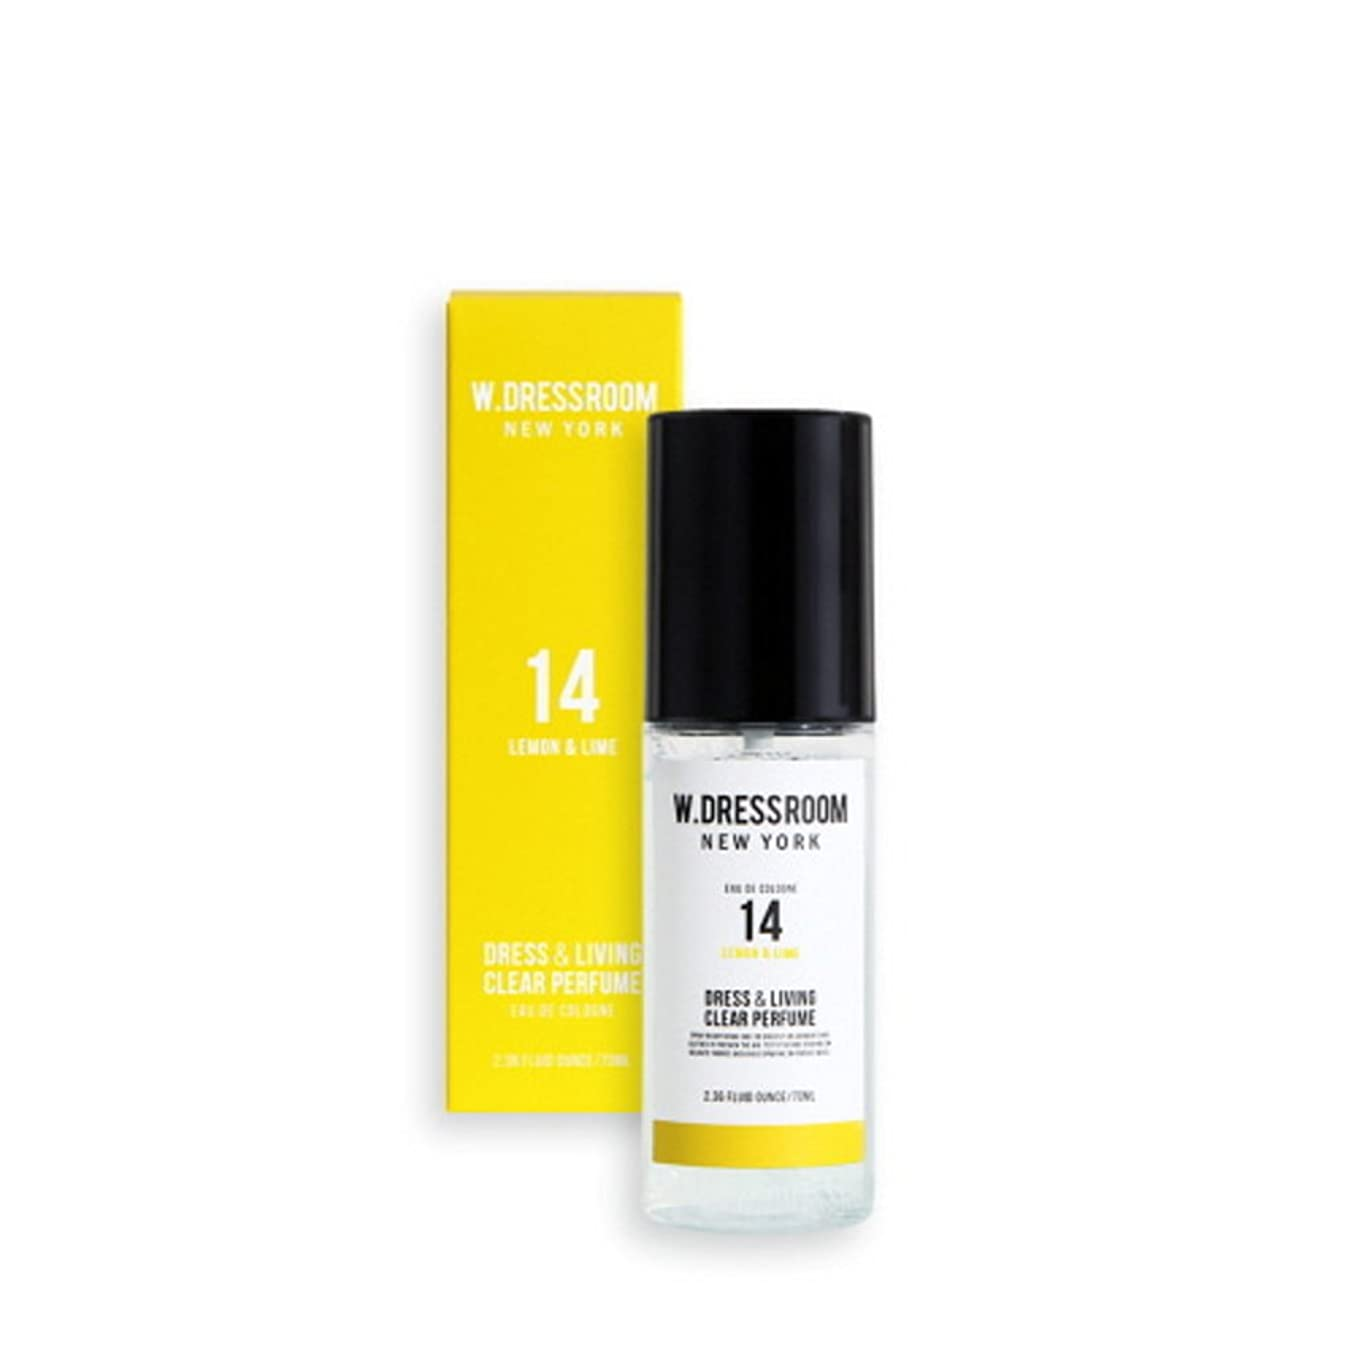 原子炉ペットページW.DRESSROOM Dress & Living Clear Perfume fragrance 70ml (#No.14 Lemon & Lime)/ダブルドレスルーム ドレス&リビング クリア パフューム 70ml (#No.14 Lemon & Lime)